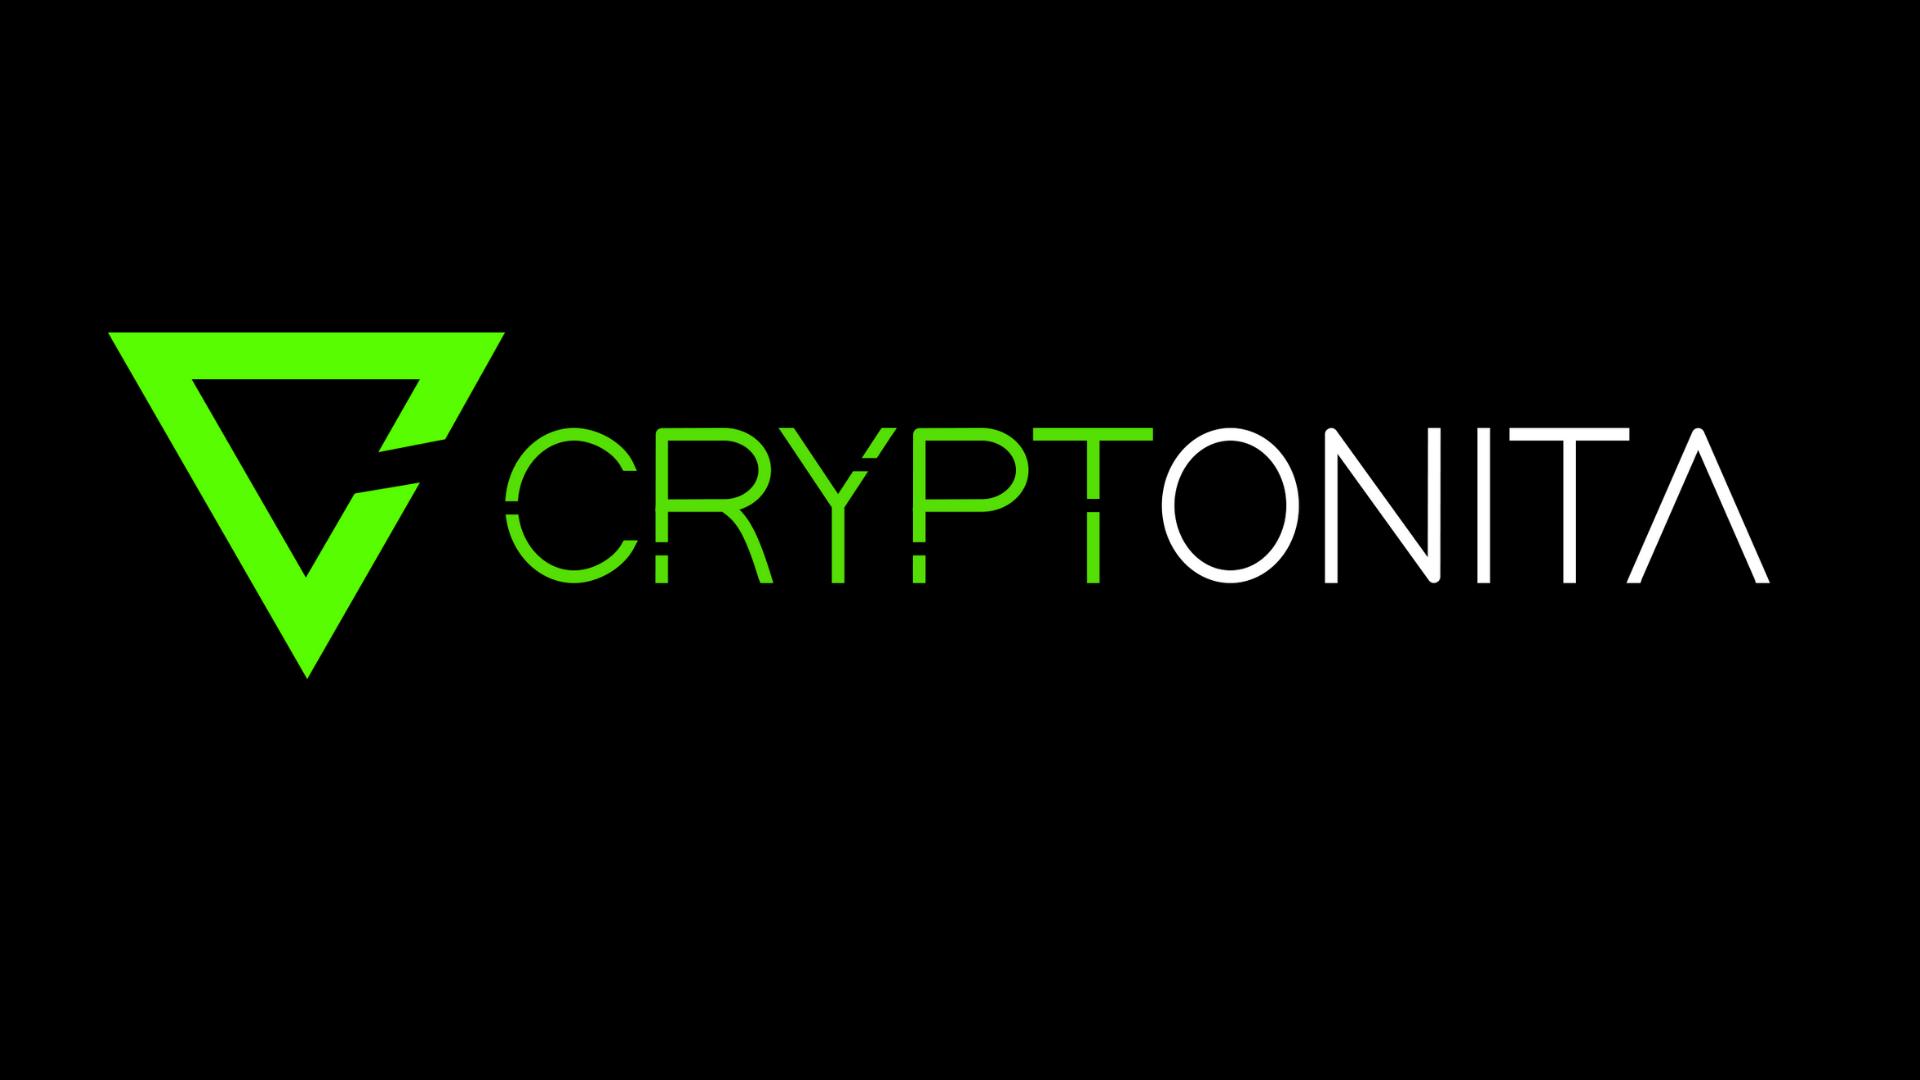 Cryptonita